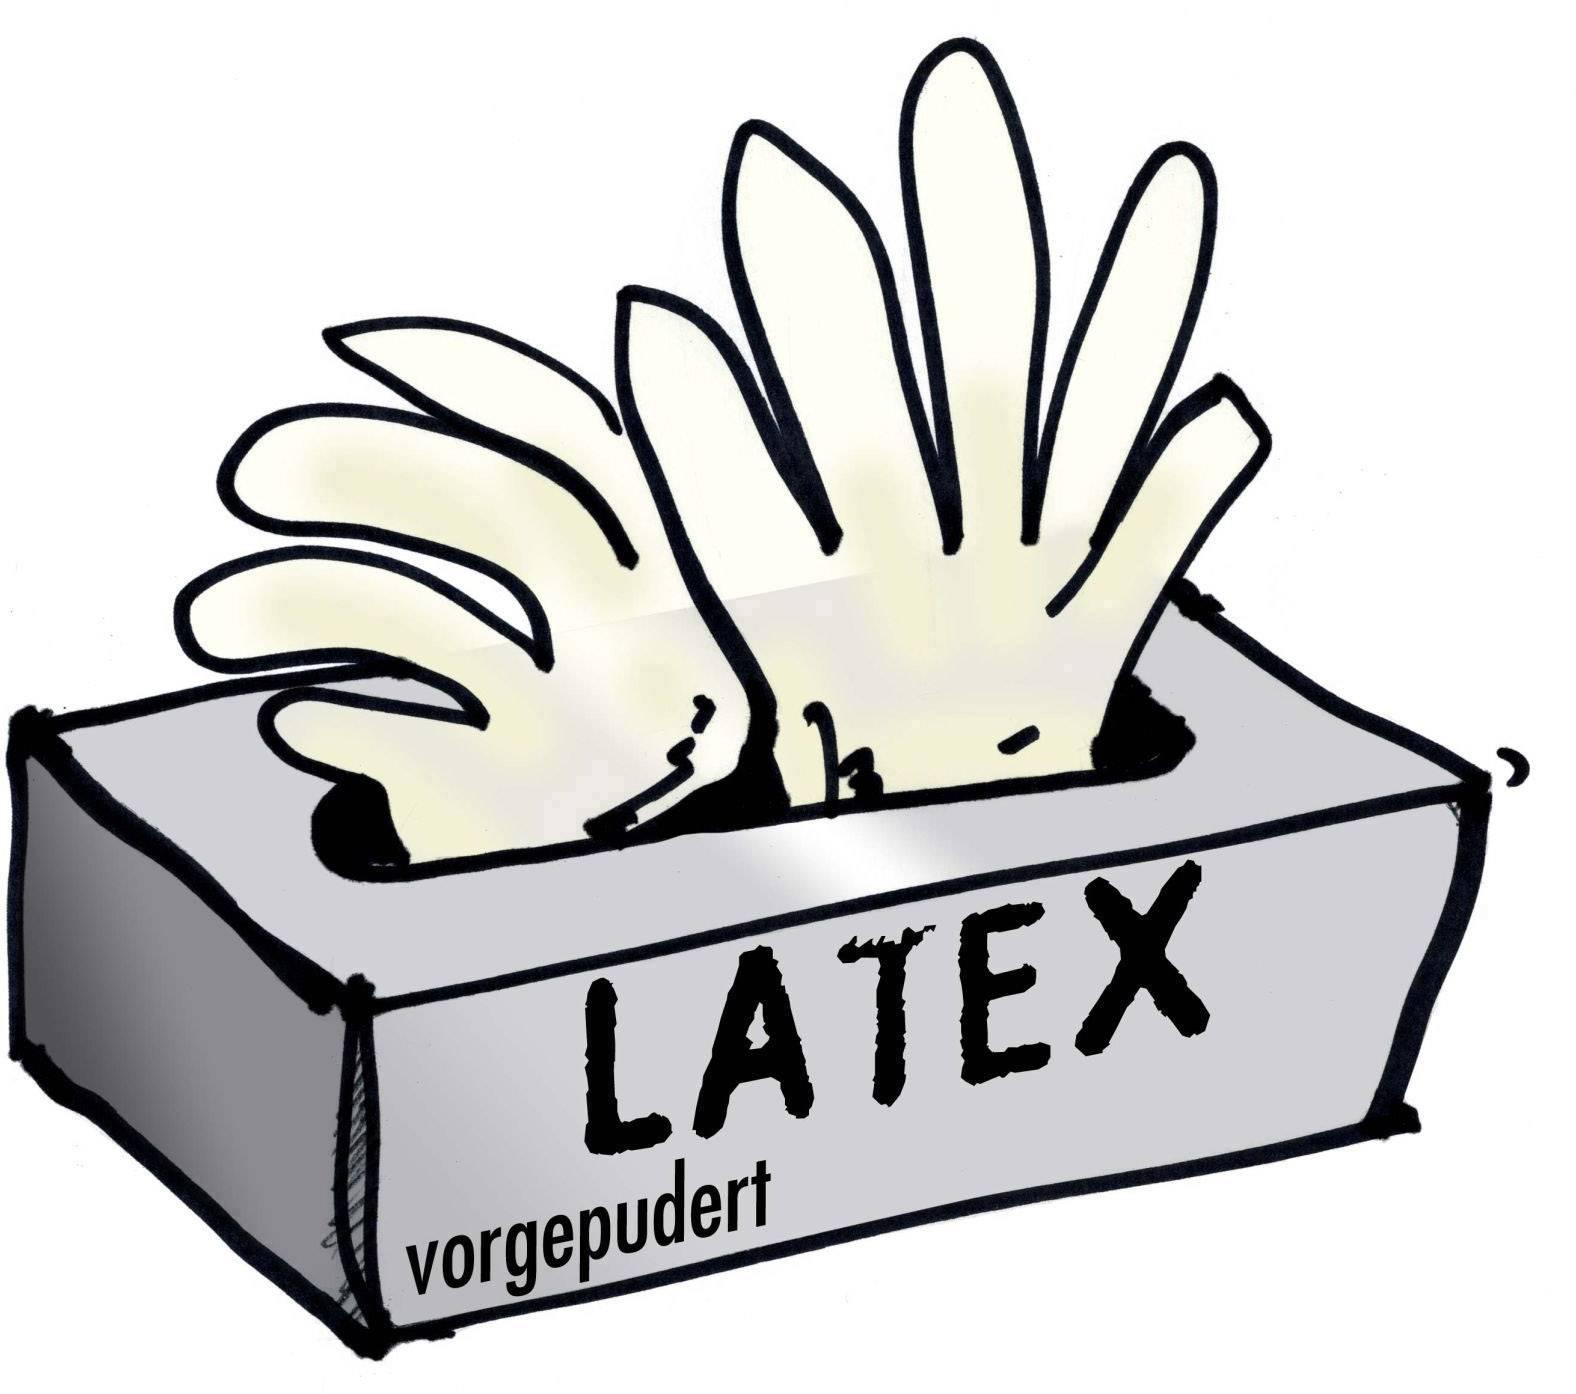 Rukavice latexové, jedorázové, předlisované,100 ks, velikost